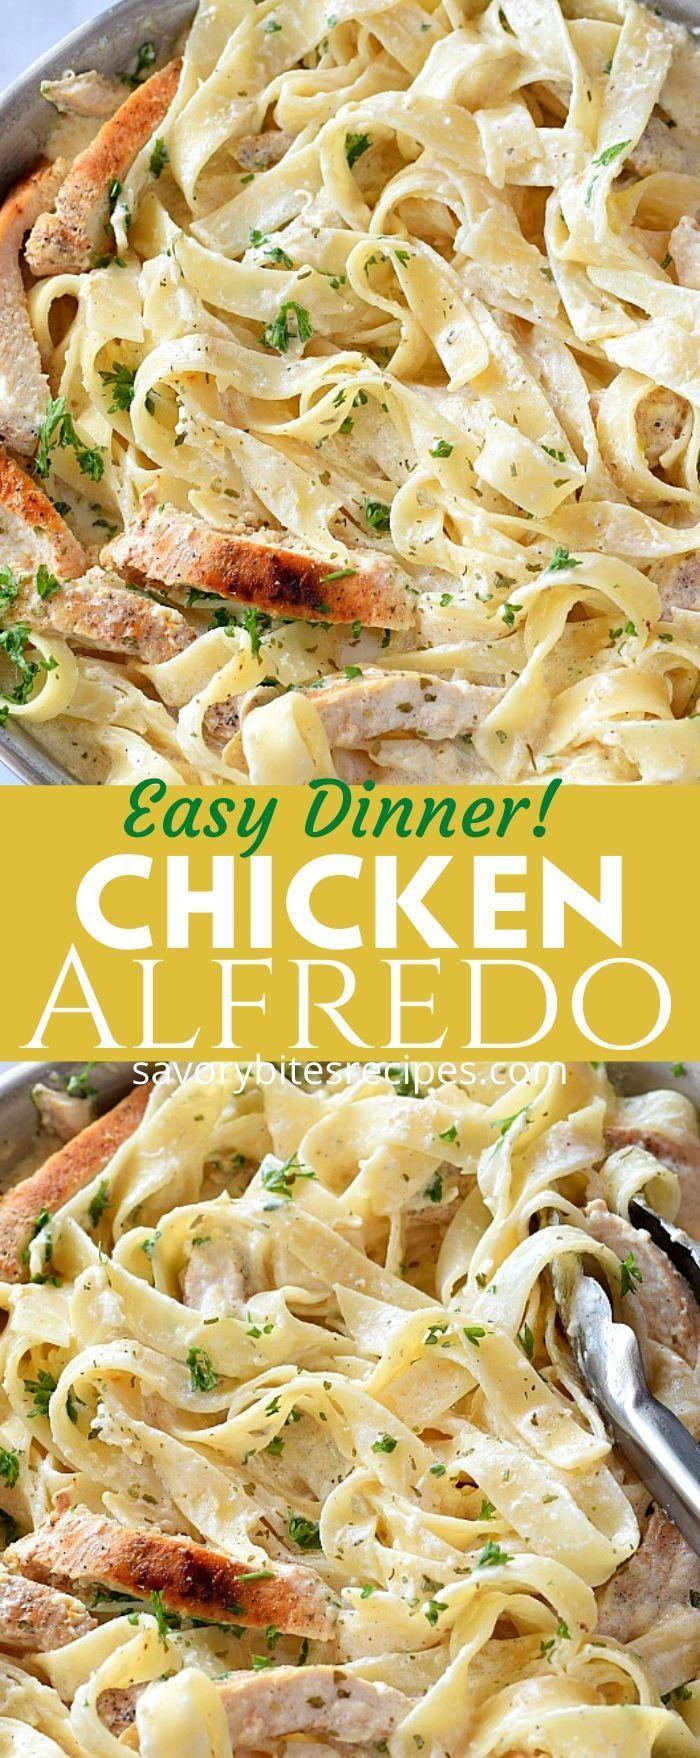 The 30 Minute Easy Chicken Alfredo Recipe Simple Chicken Alfredo Recipe Chicken Alfredo Recipes Chicken Alfredo Easy